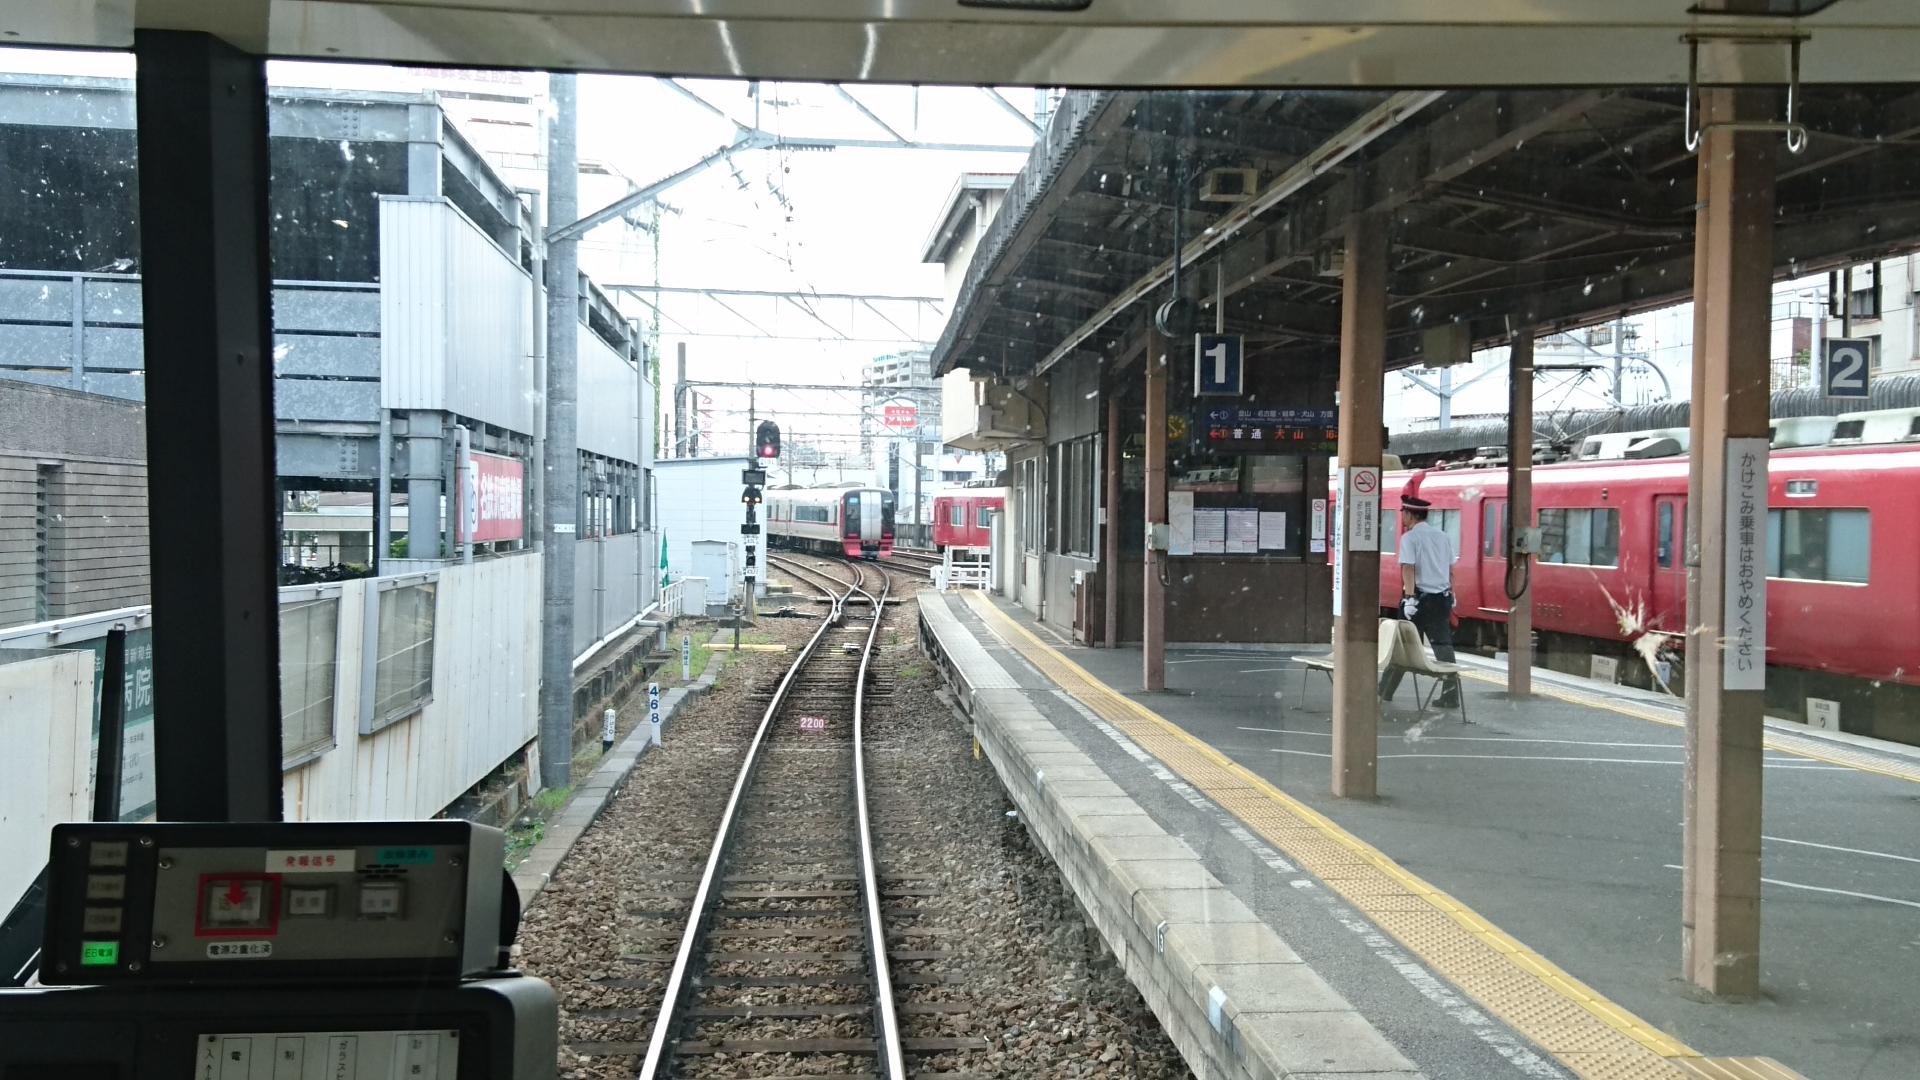 2017.6.24 坂戸 (3) 犬山いきふつう - 東岡崎 1920-1080